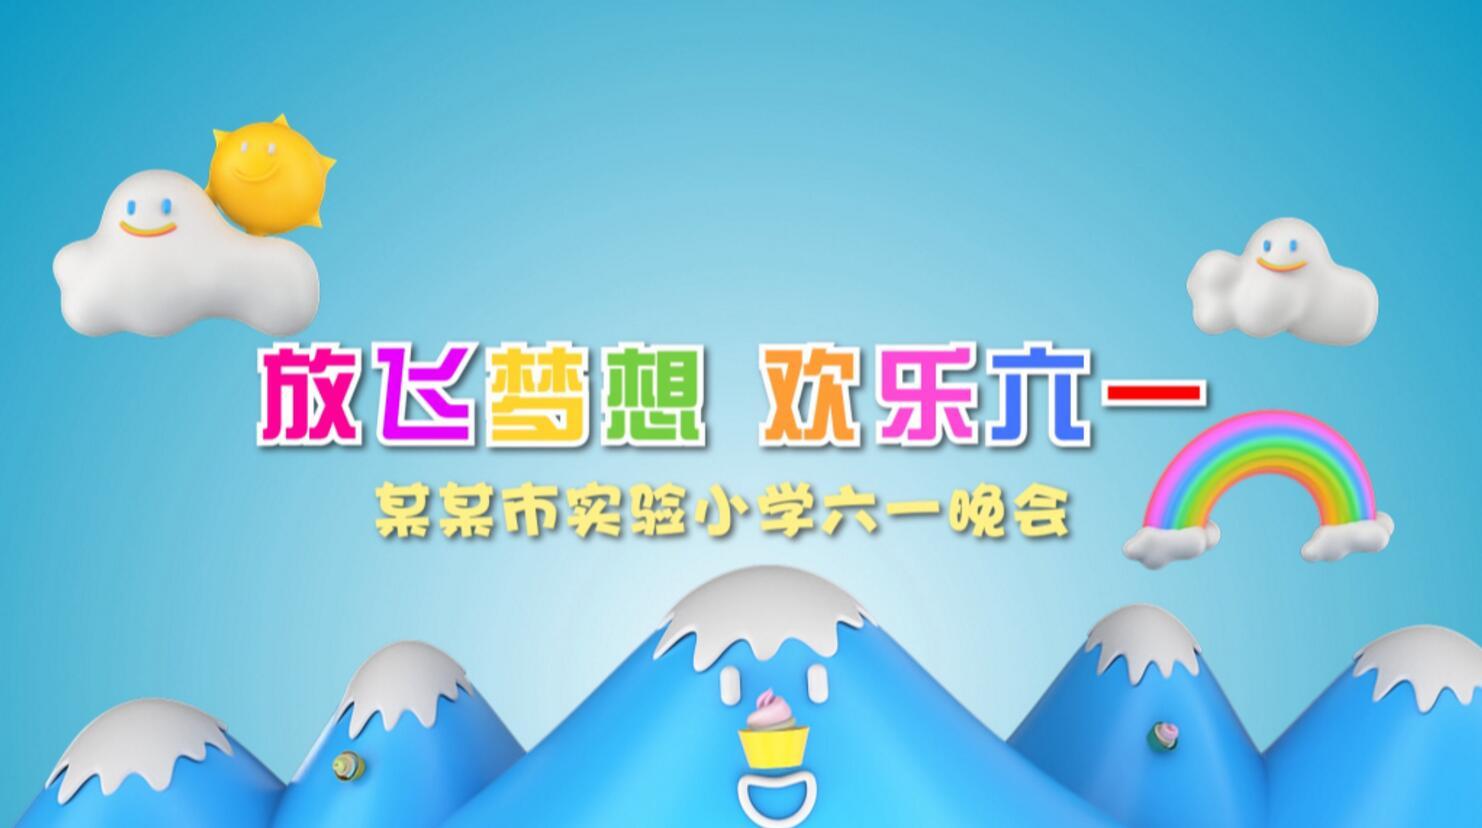 六一儿童节视频片头AE模板视频素材